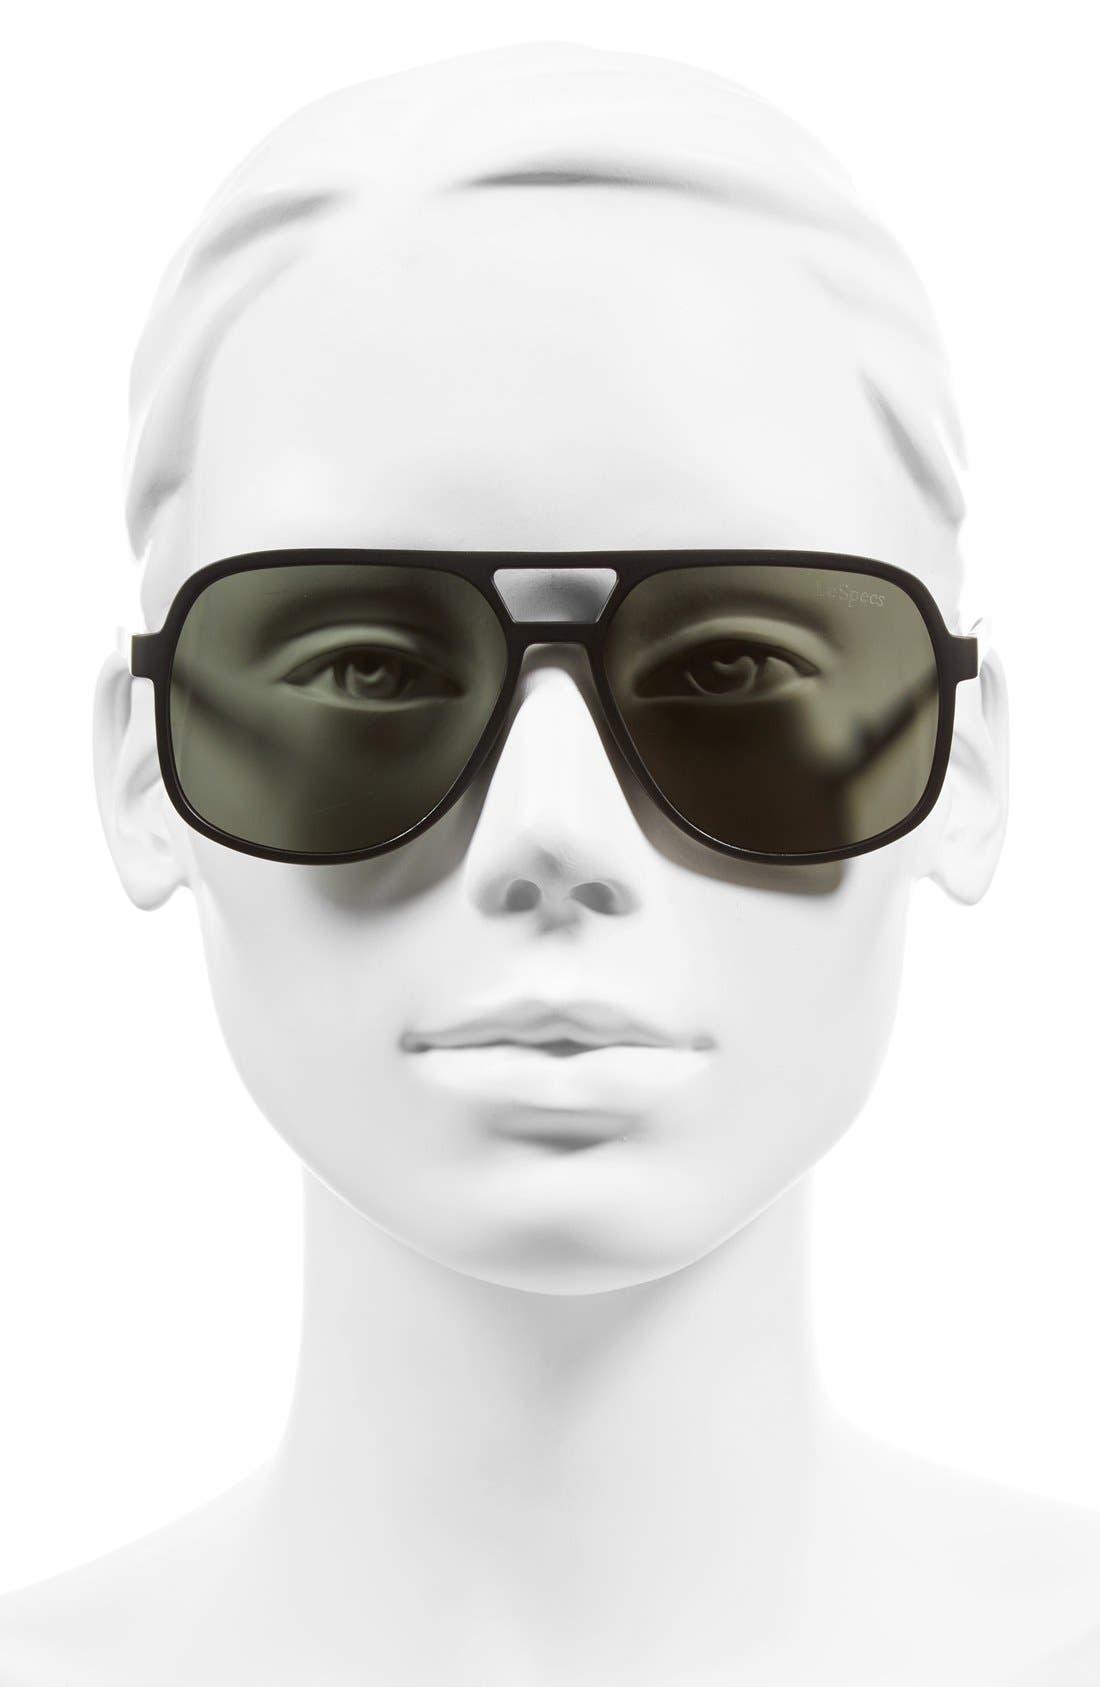 Cousteau 58mm Sunglasses,                             Alternate thumbnail 2, color,                             001